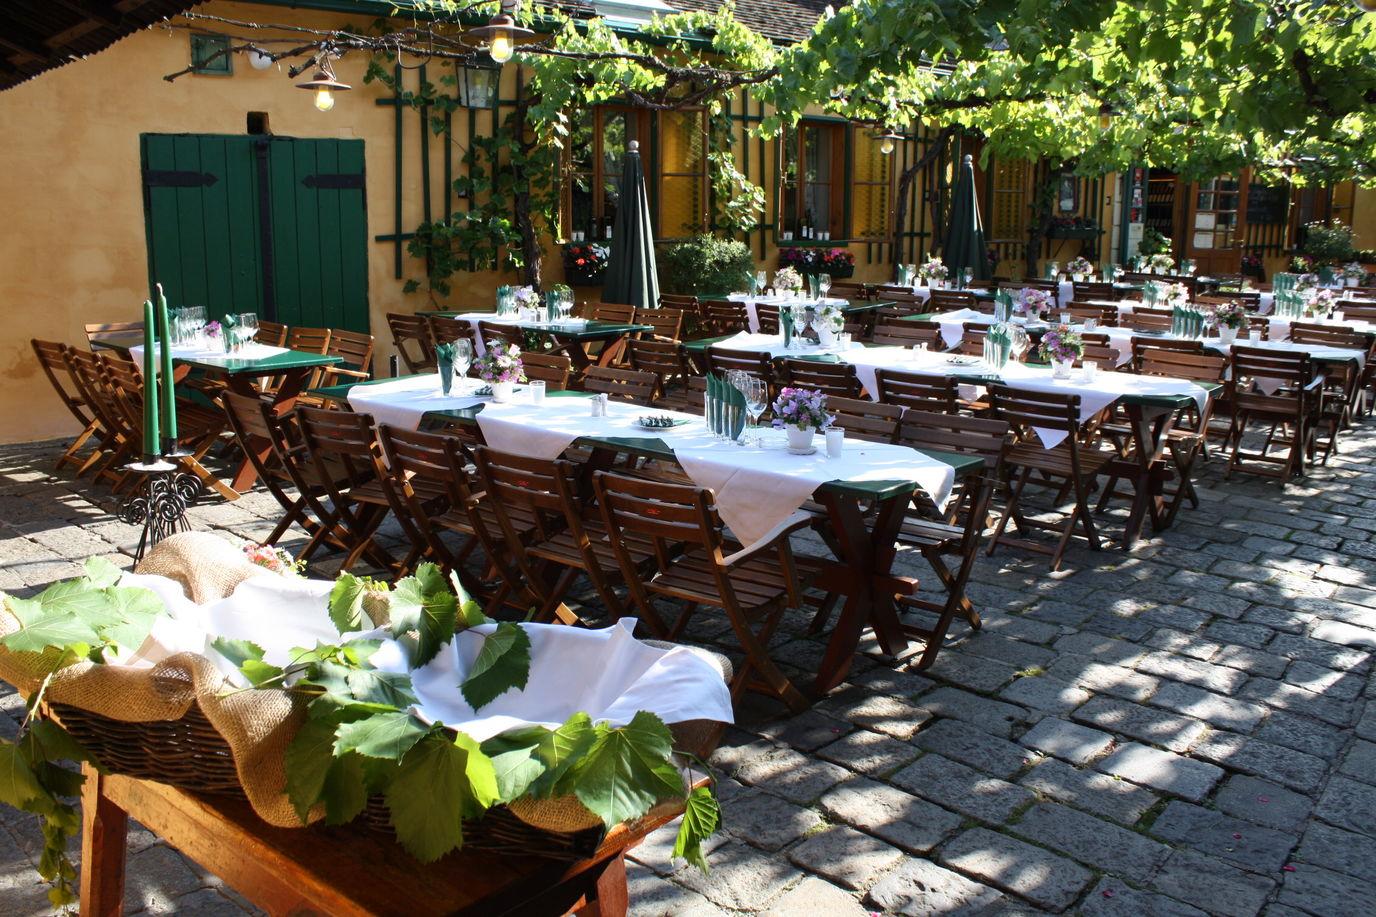 Mayer am Pfarrplatz Gastgarten